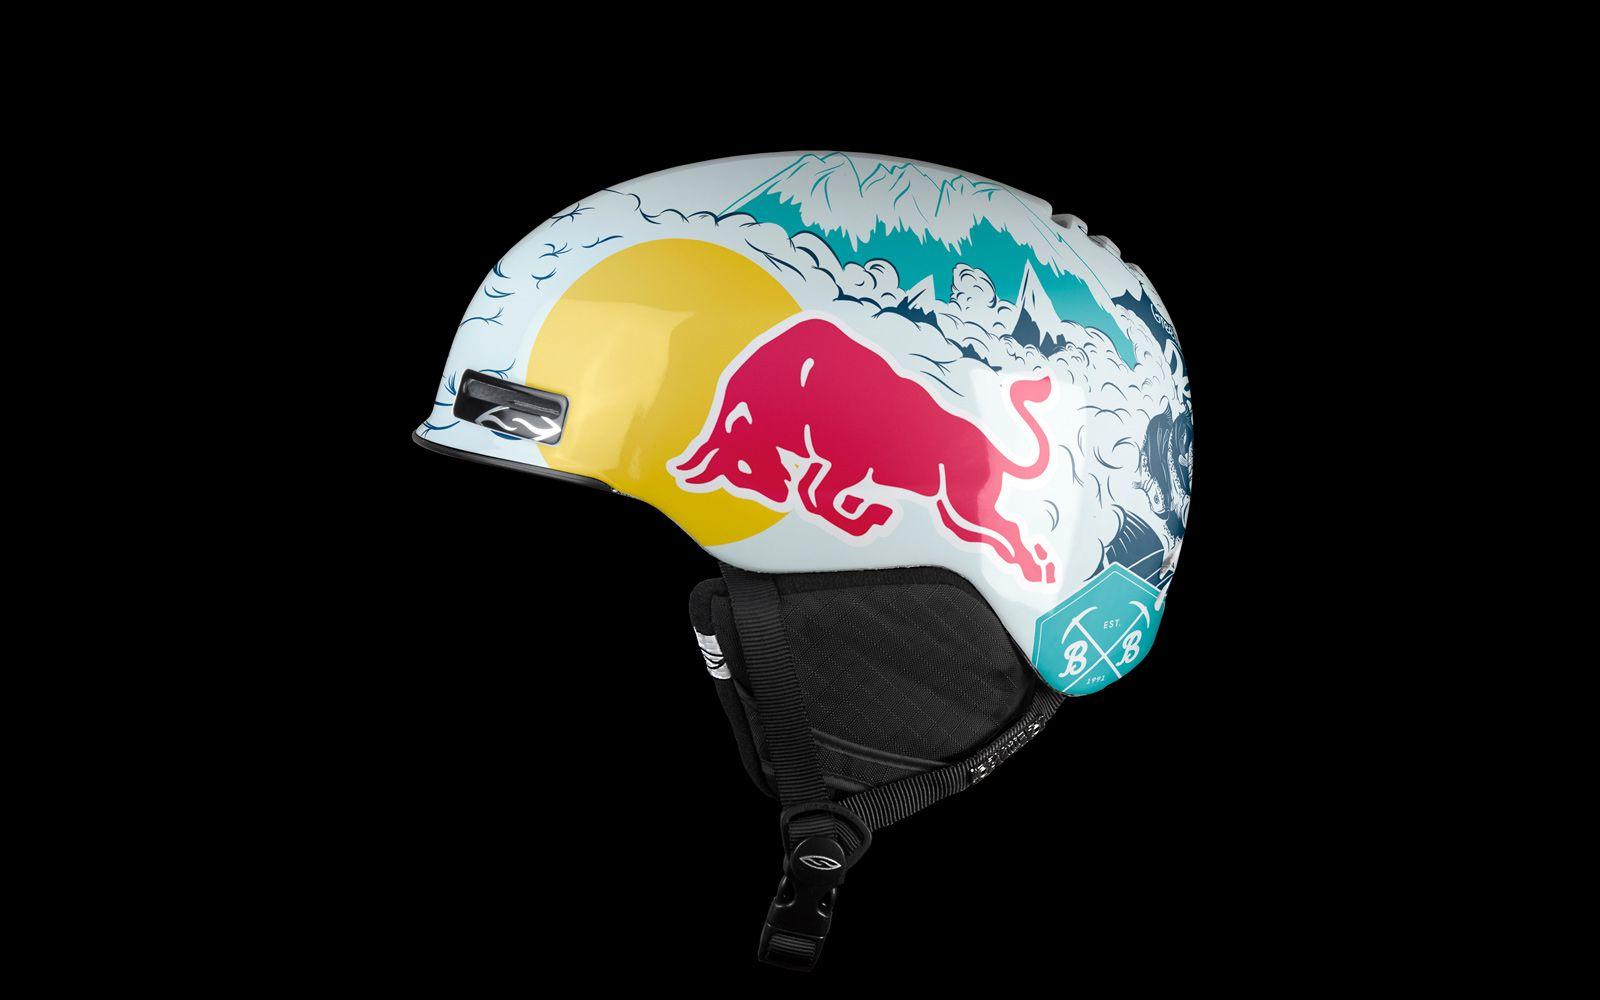 Smith Maze Red Bull Pro Helmet Ski Helmets Helmet Helmet Design